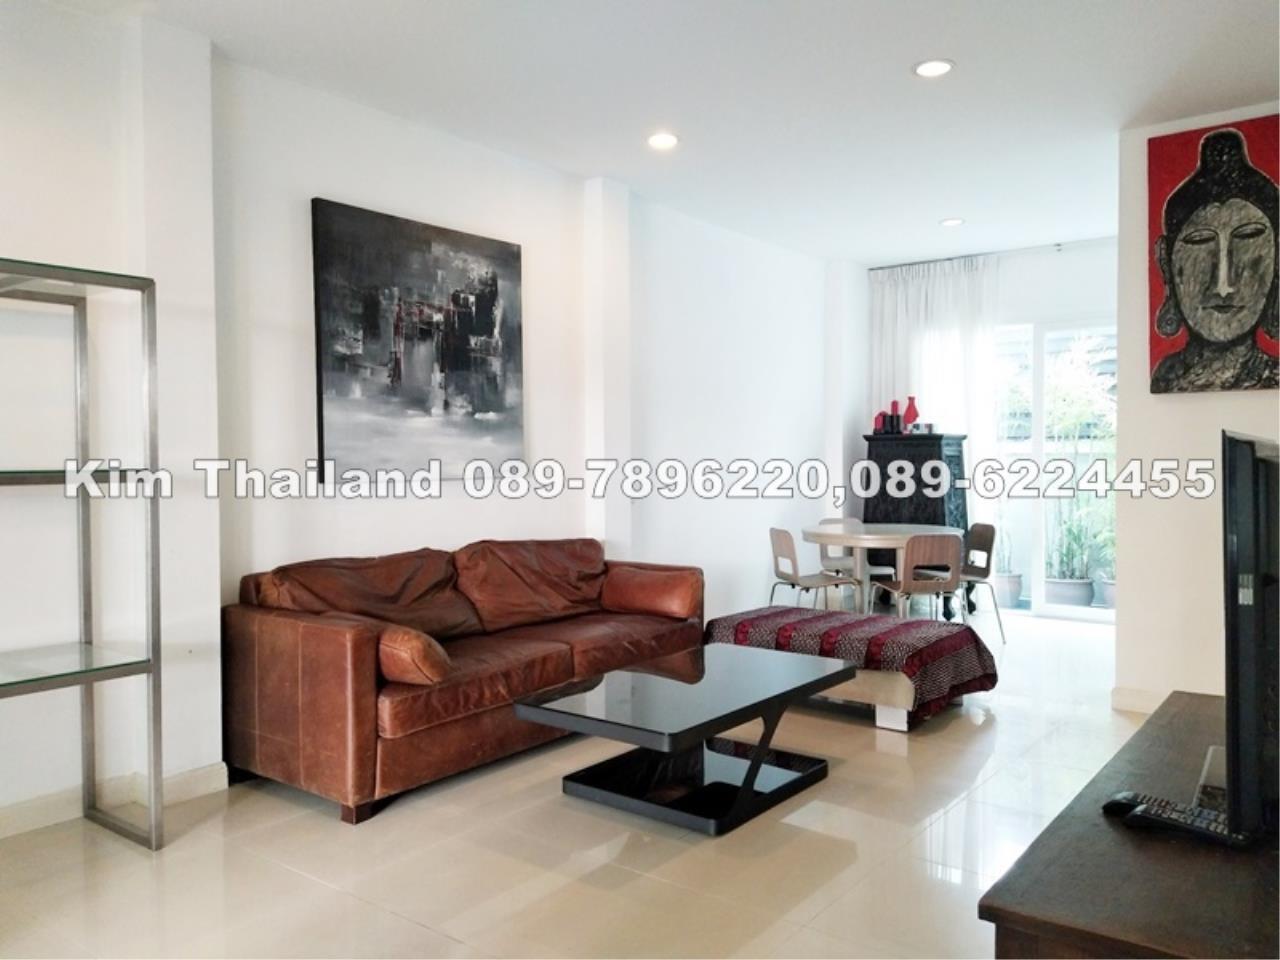 ขายทาวน์โฮม 3 ชั้น บ้านกลางเมือง เอส-เซ้นส์ พระรามเก้า-ลาดพร้าว 28 ตรว 3 ห้องนอน ขาย 89 ล้านบาท, ภาพที่ 2